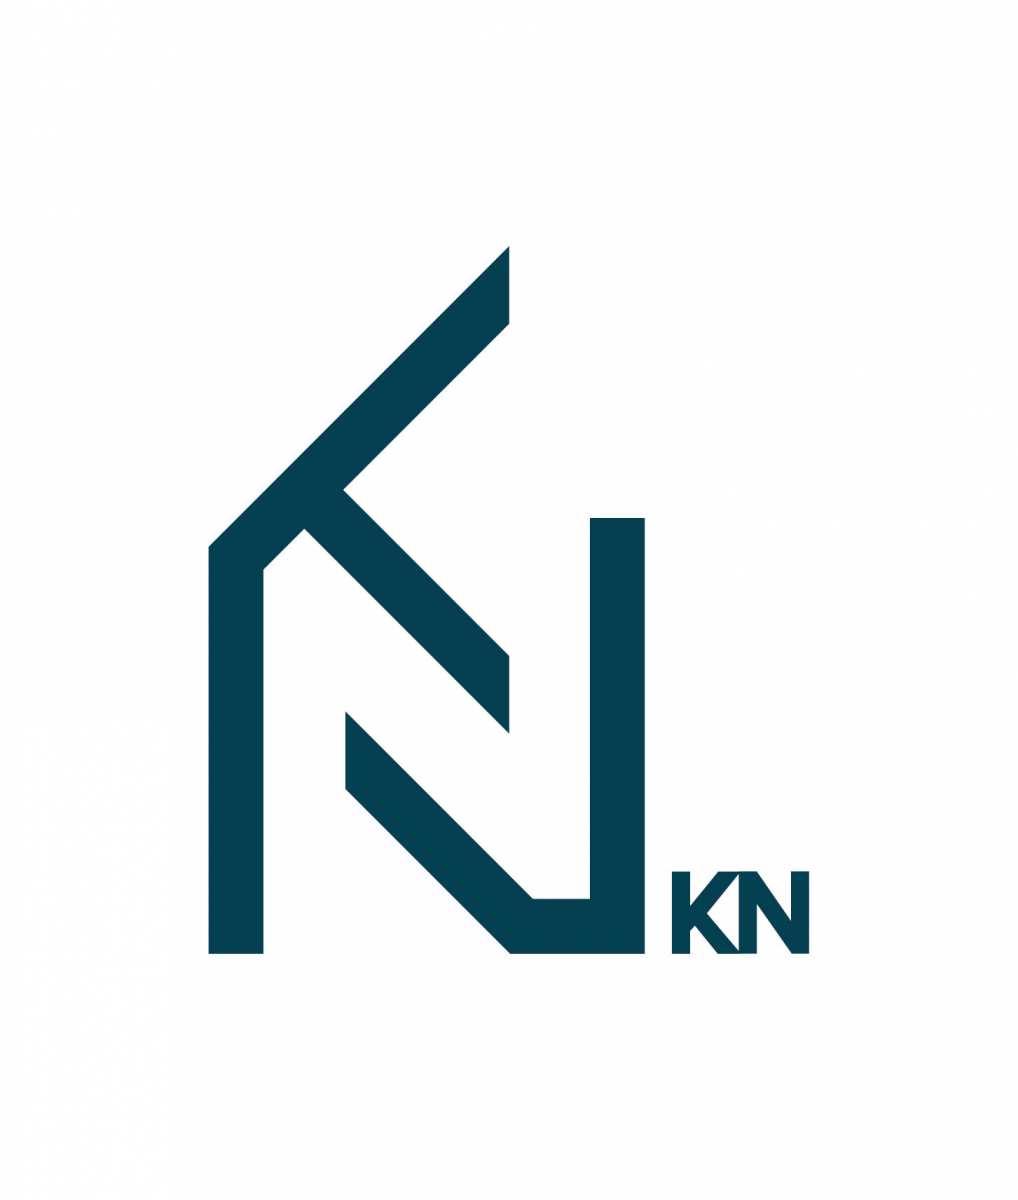 KN logo be sukio